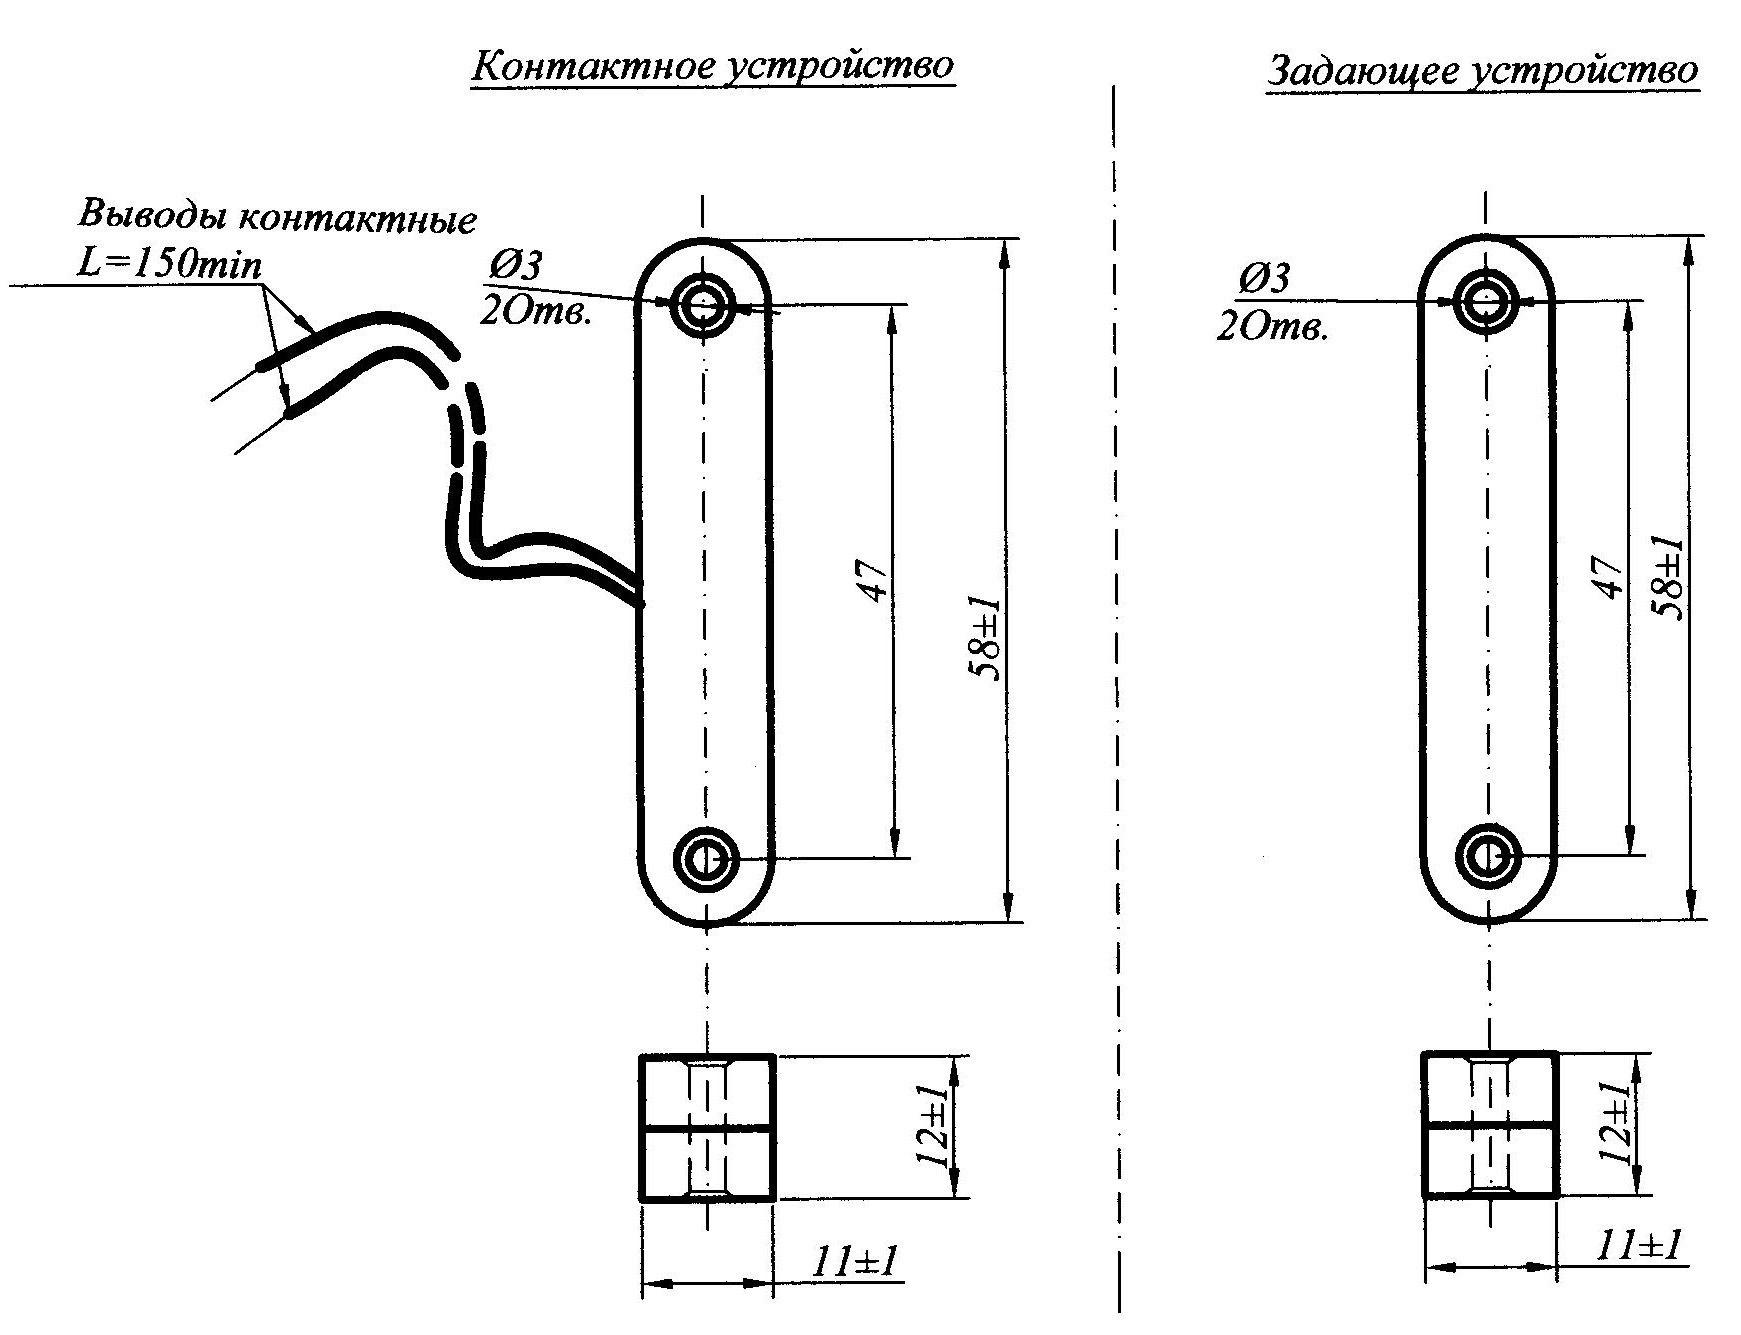 габаритные размеры герконового датчика СМК-4Э